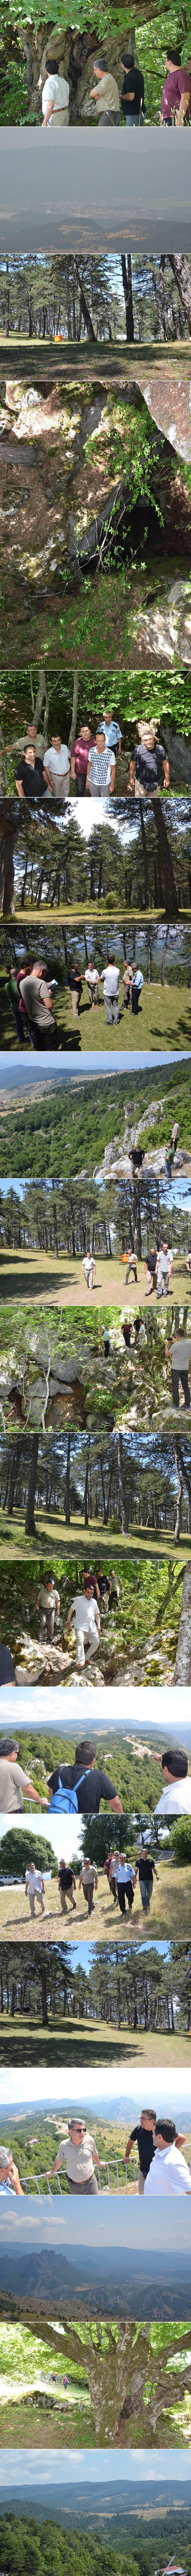 Durağan'ın doğa harikası mekânlarından olan Buzluk Yaylası'nın turizme kazandırılması için çalışmalar sürüyor. Doğa Koruma ve Milli Parklar 10. Bölge Müdürlüğü ekipleri, bölgede incelemelerde bulunulduğu sırada ekibe eşlik eden Durağan Belediye Başkanı Ahmet Kılıçaslan, Buzluk Yaylası Tabiat Parkı ilan edilmesi için raporların hazırlandığını söyledi.